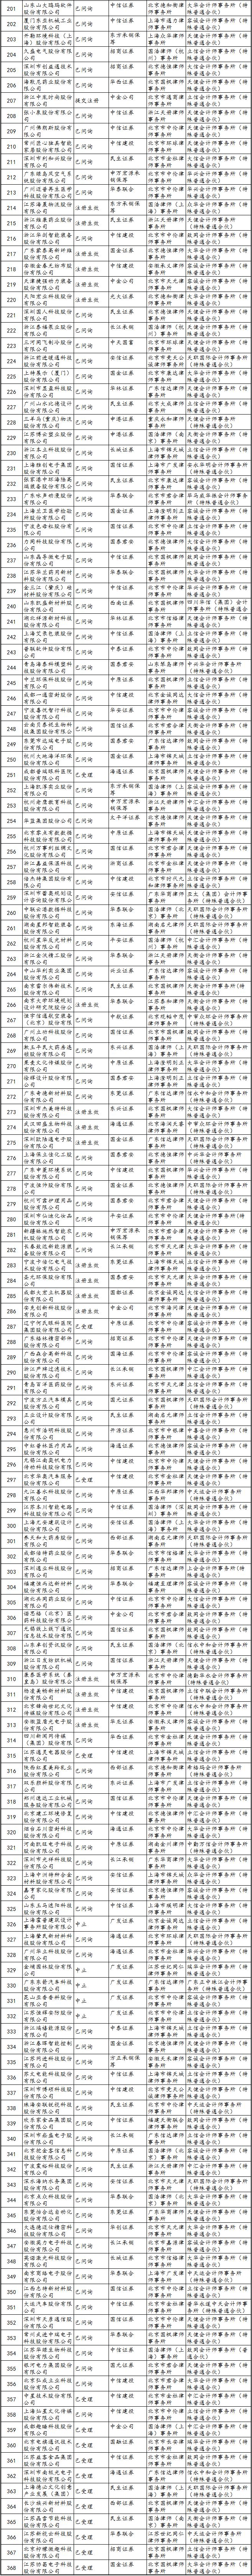 最新IPO排队名单(附中介名单)